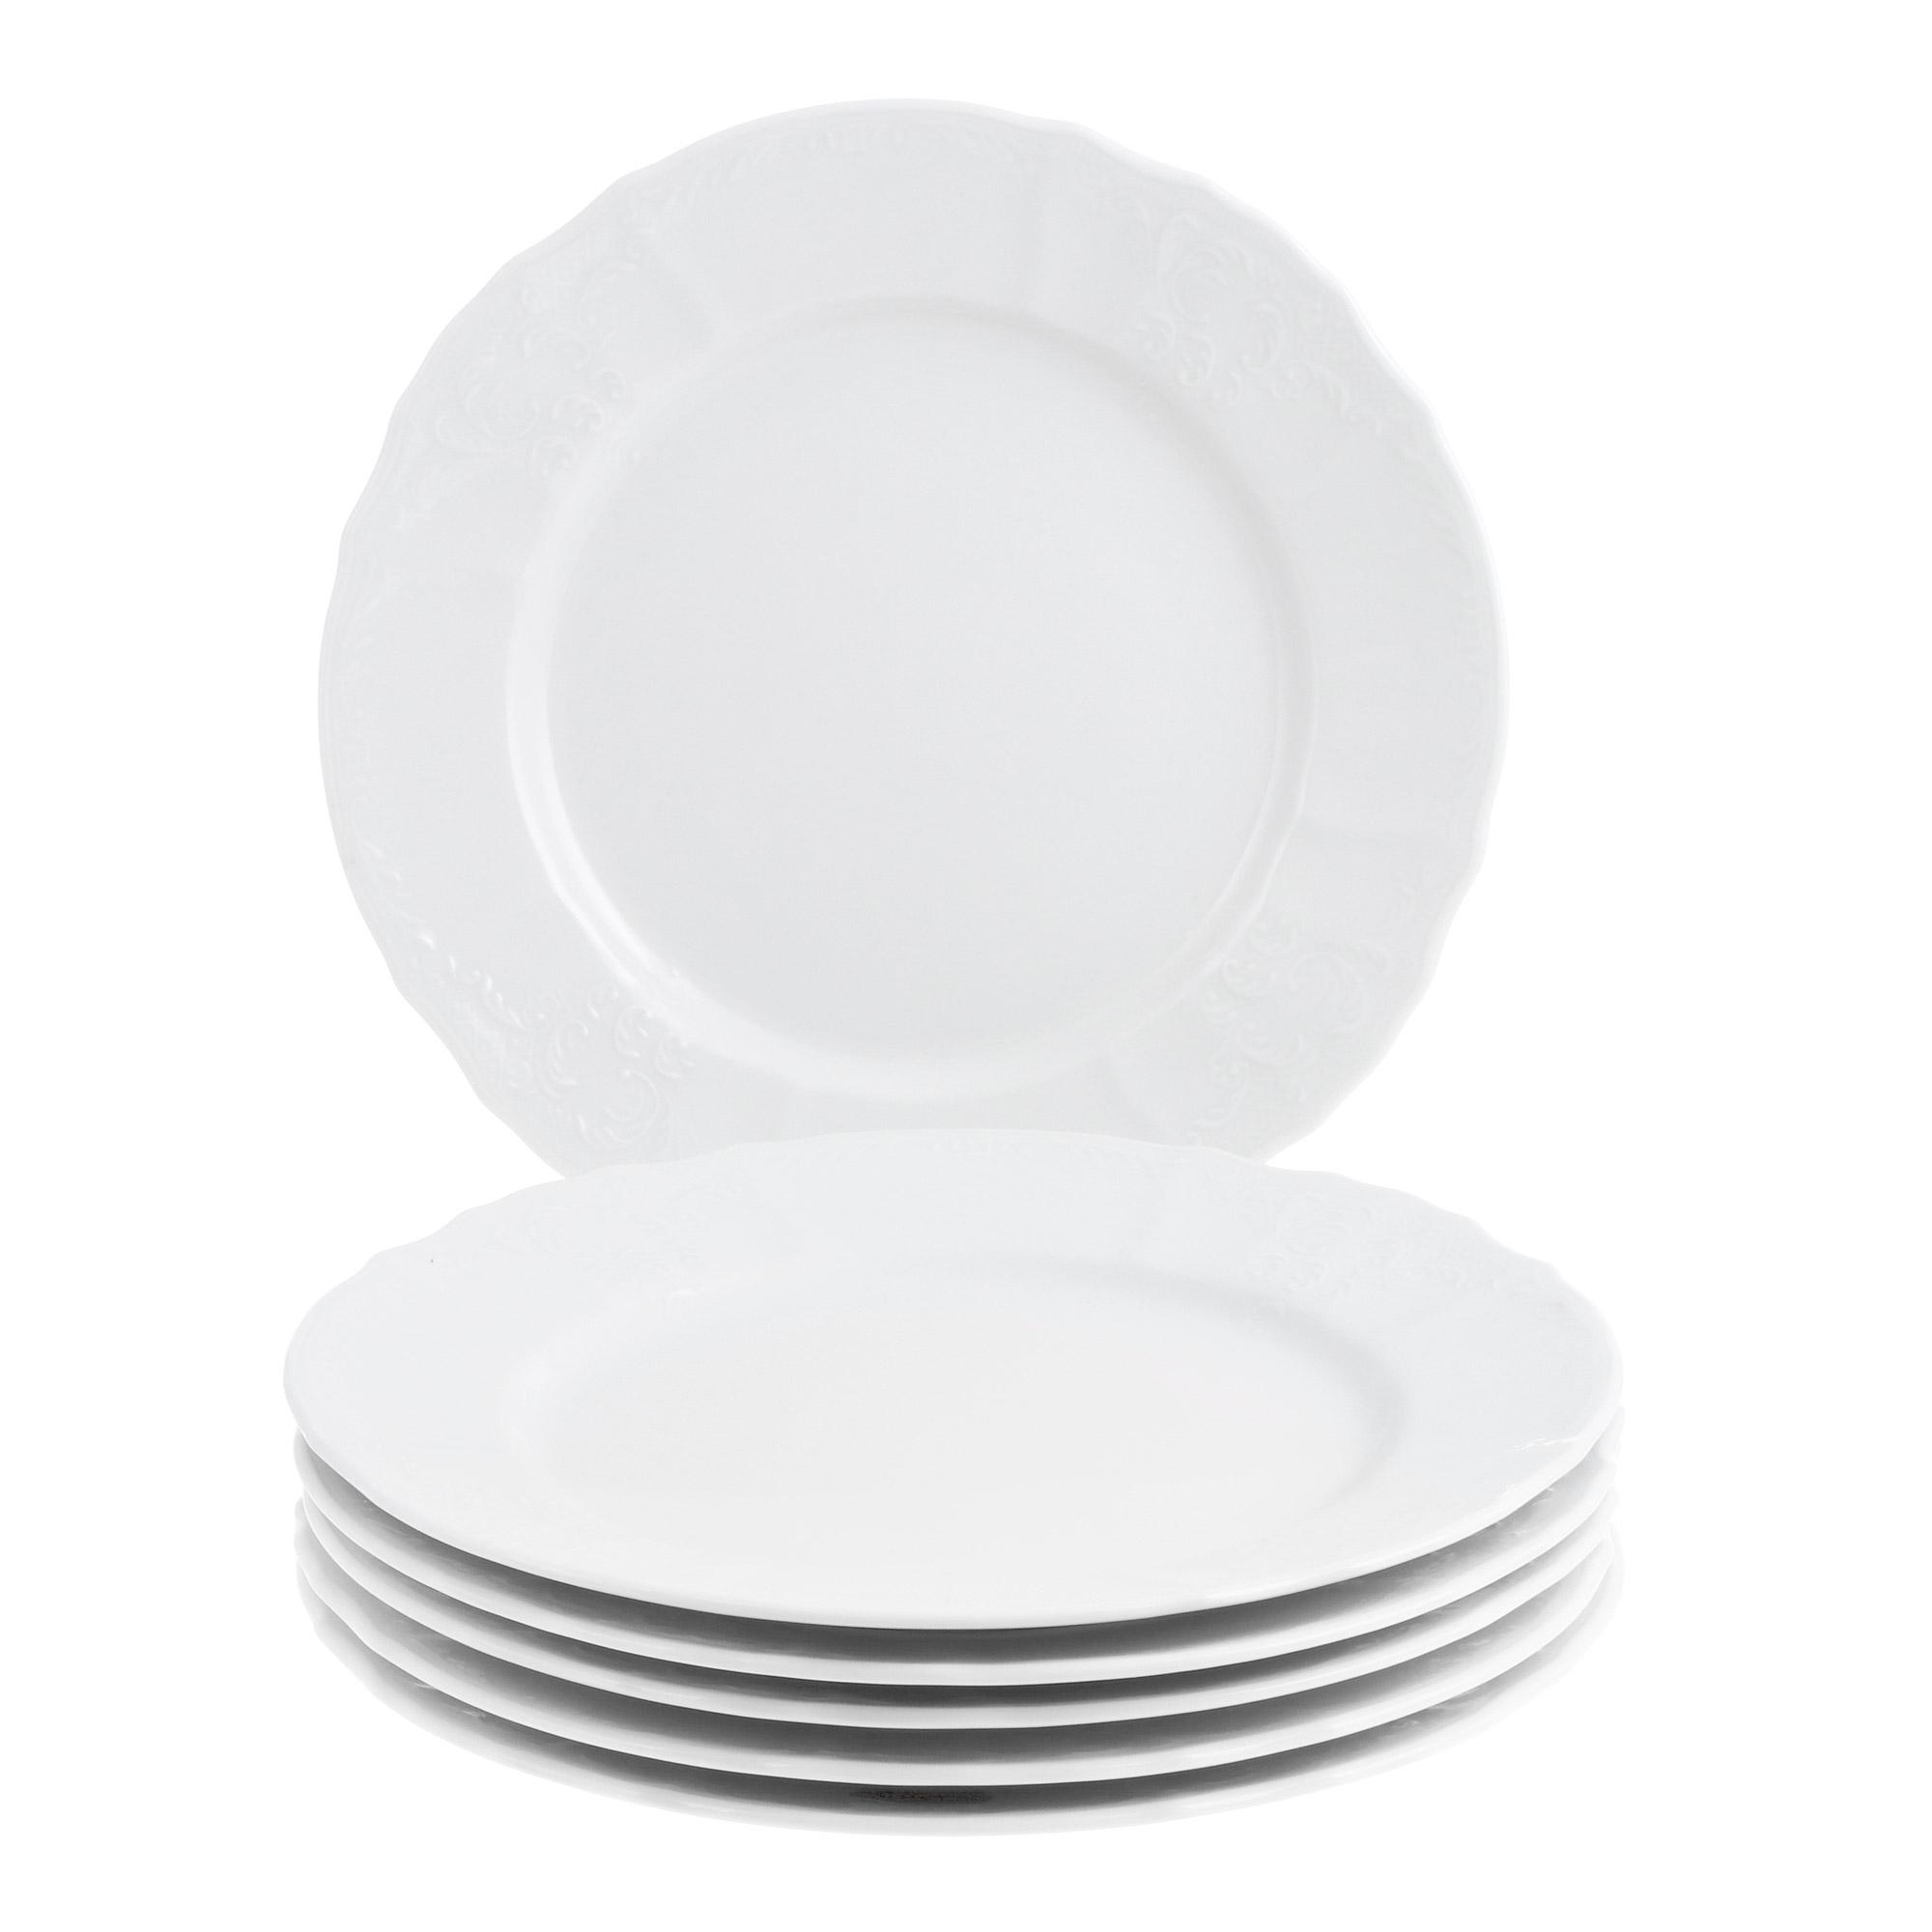 Купить со скидкой Набор тарелок Bernadotte фарфор 30 см 6 предметов